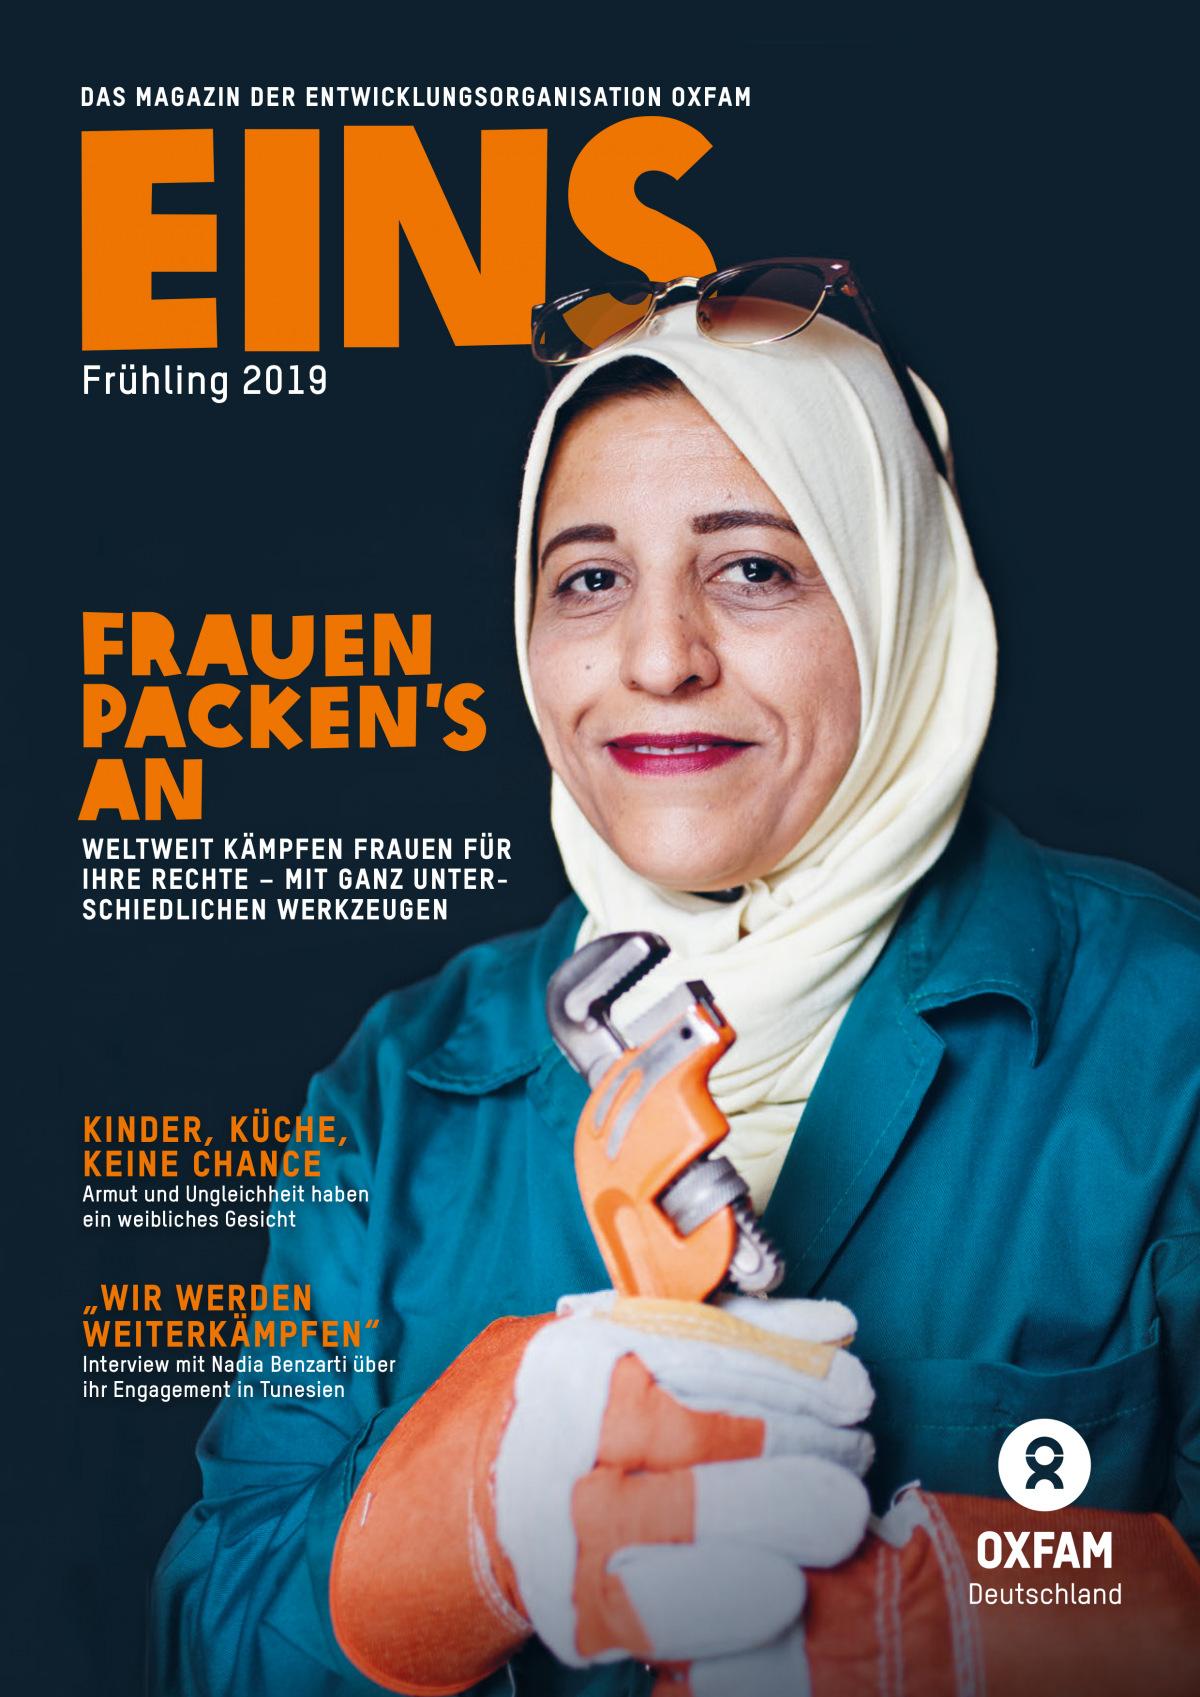 Titelbild der EINS-Frühjahrsausgabe 2019